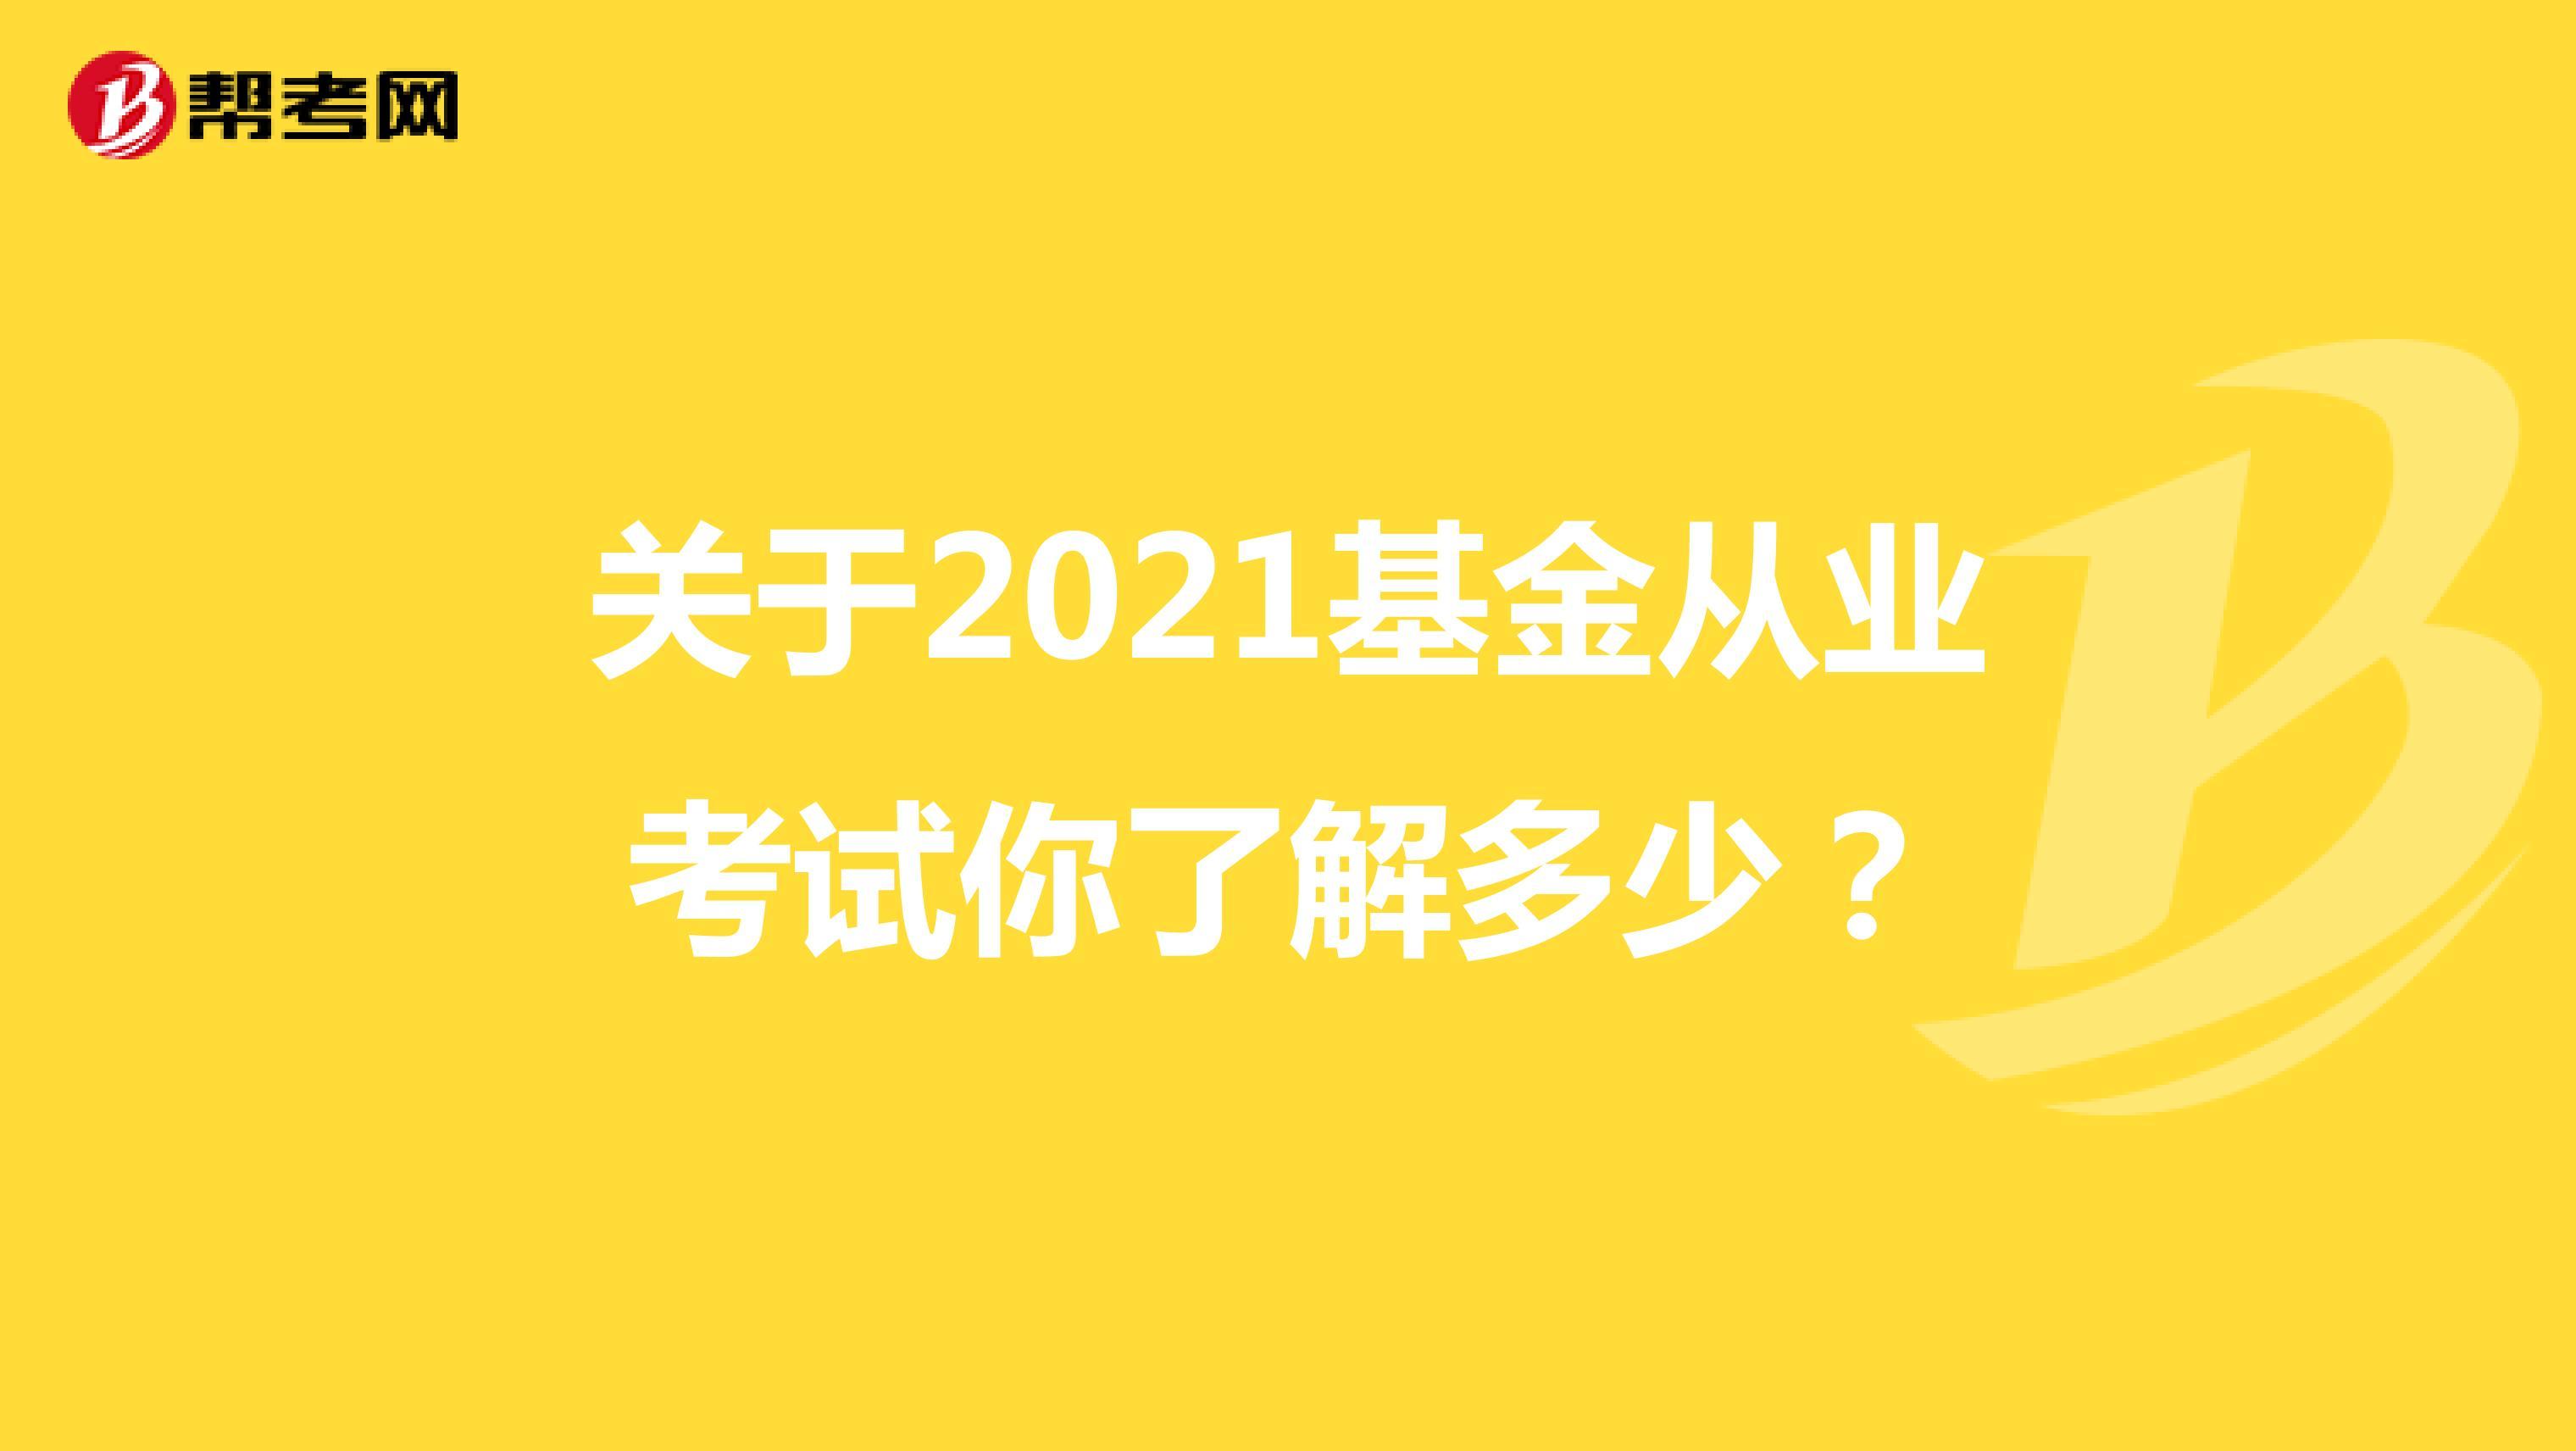 关于2021基金从业考试你了解多少?